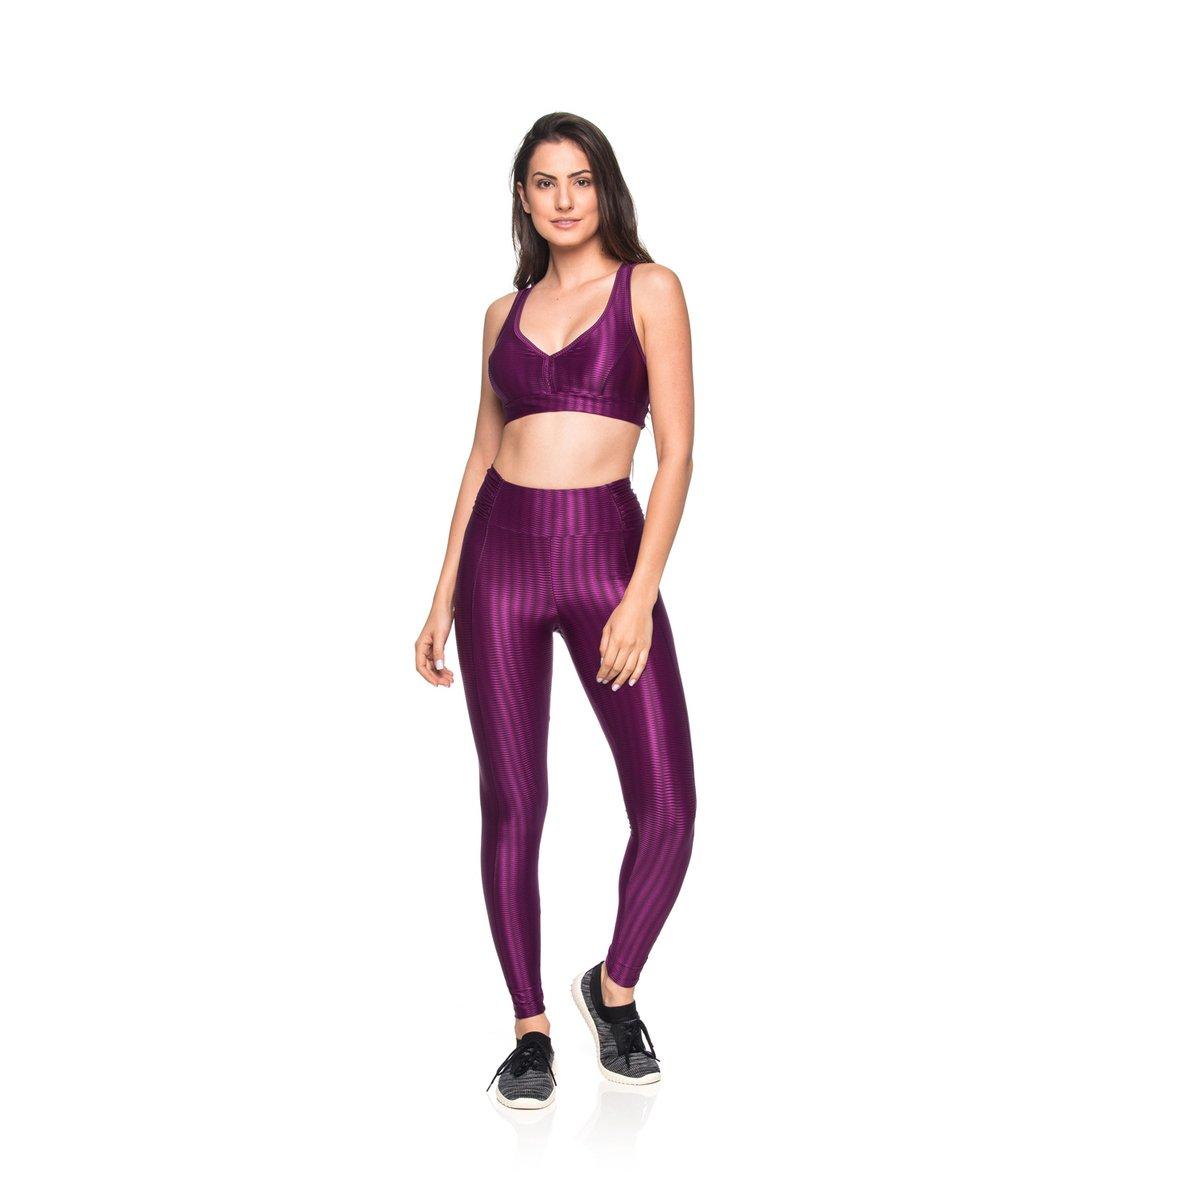 Fit Elástica Zig Fitness Leggings Cós Cós Mulher Leggings Mulher Fit Elástica Roxo Fitness pqv1PWfTxw